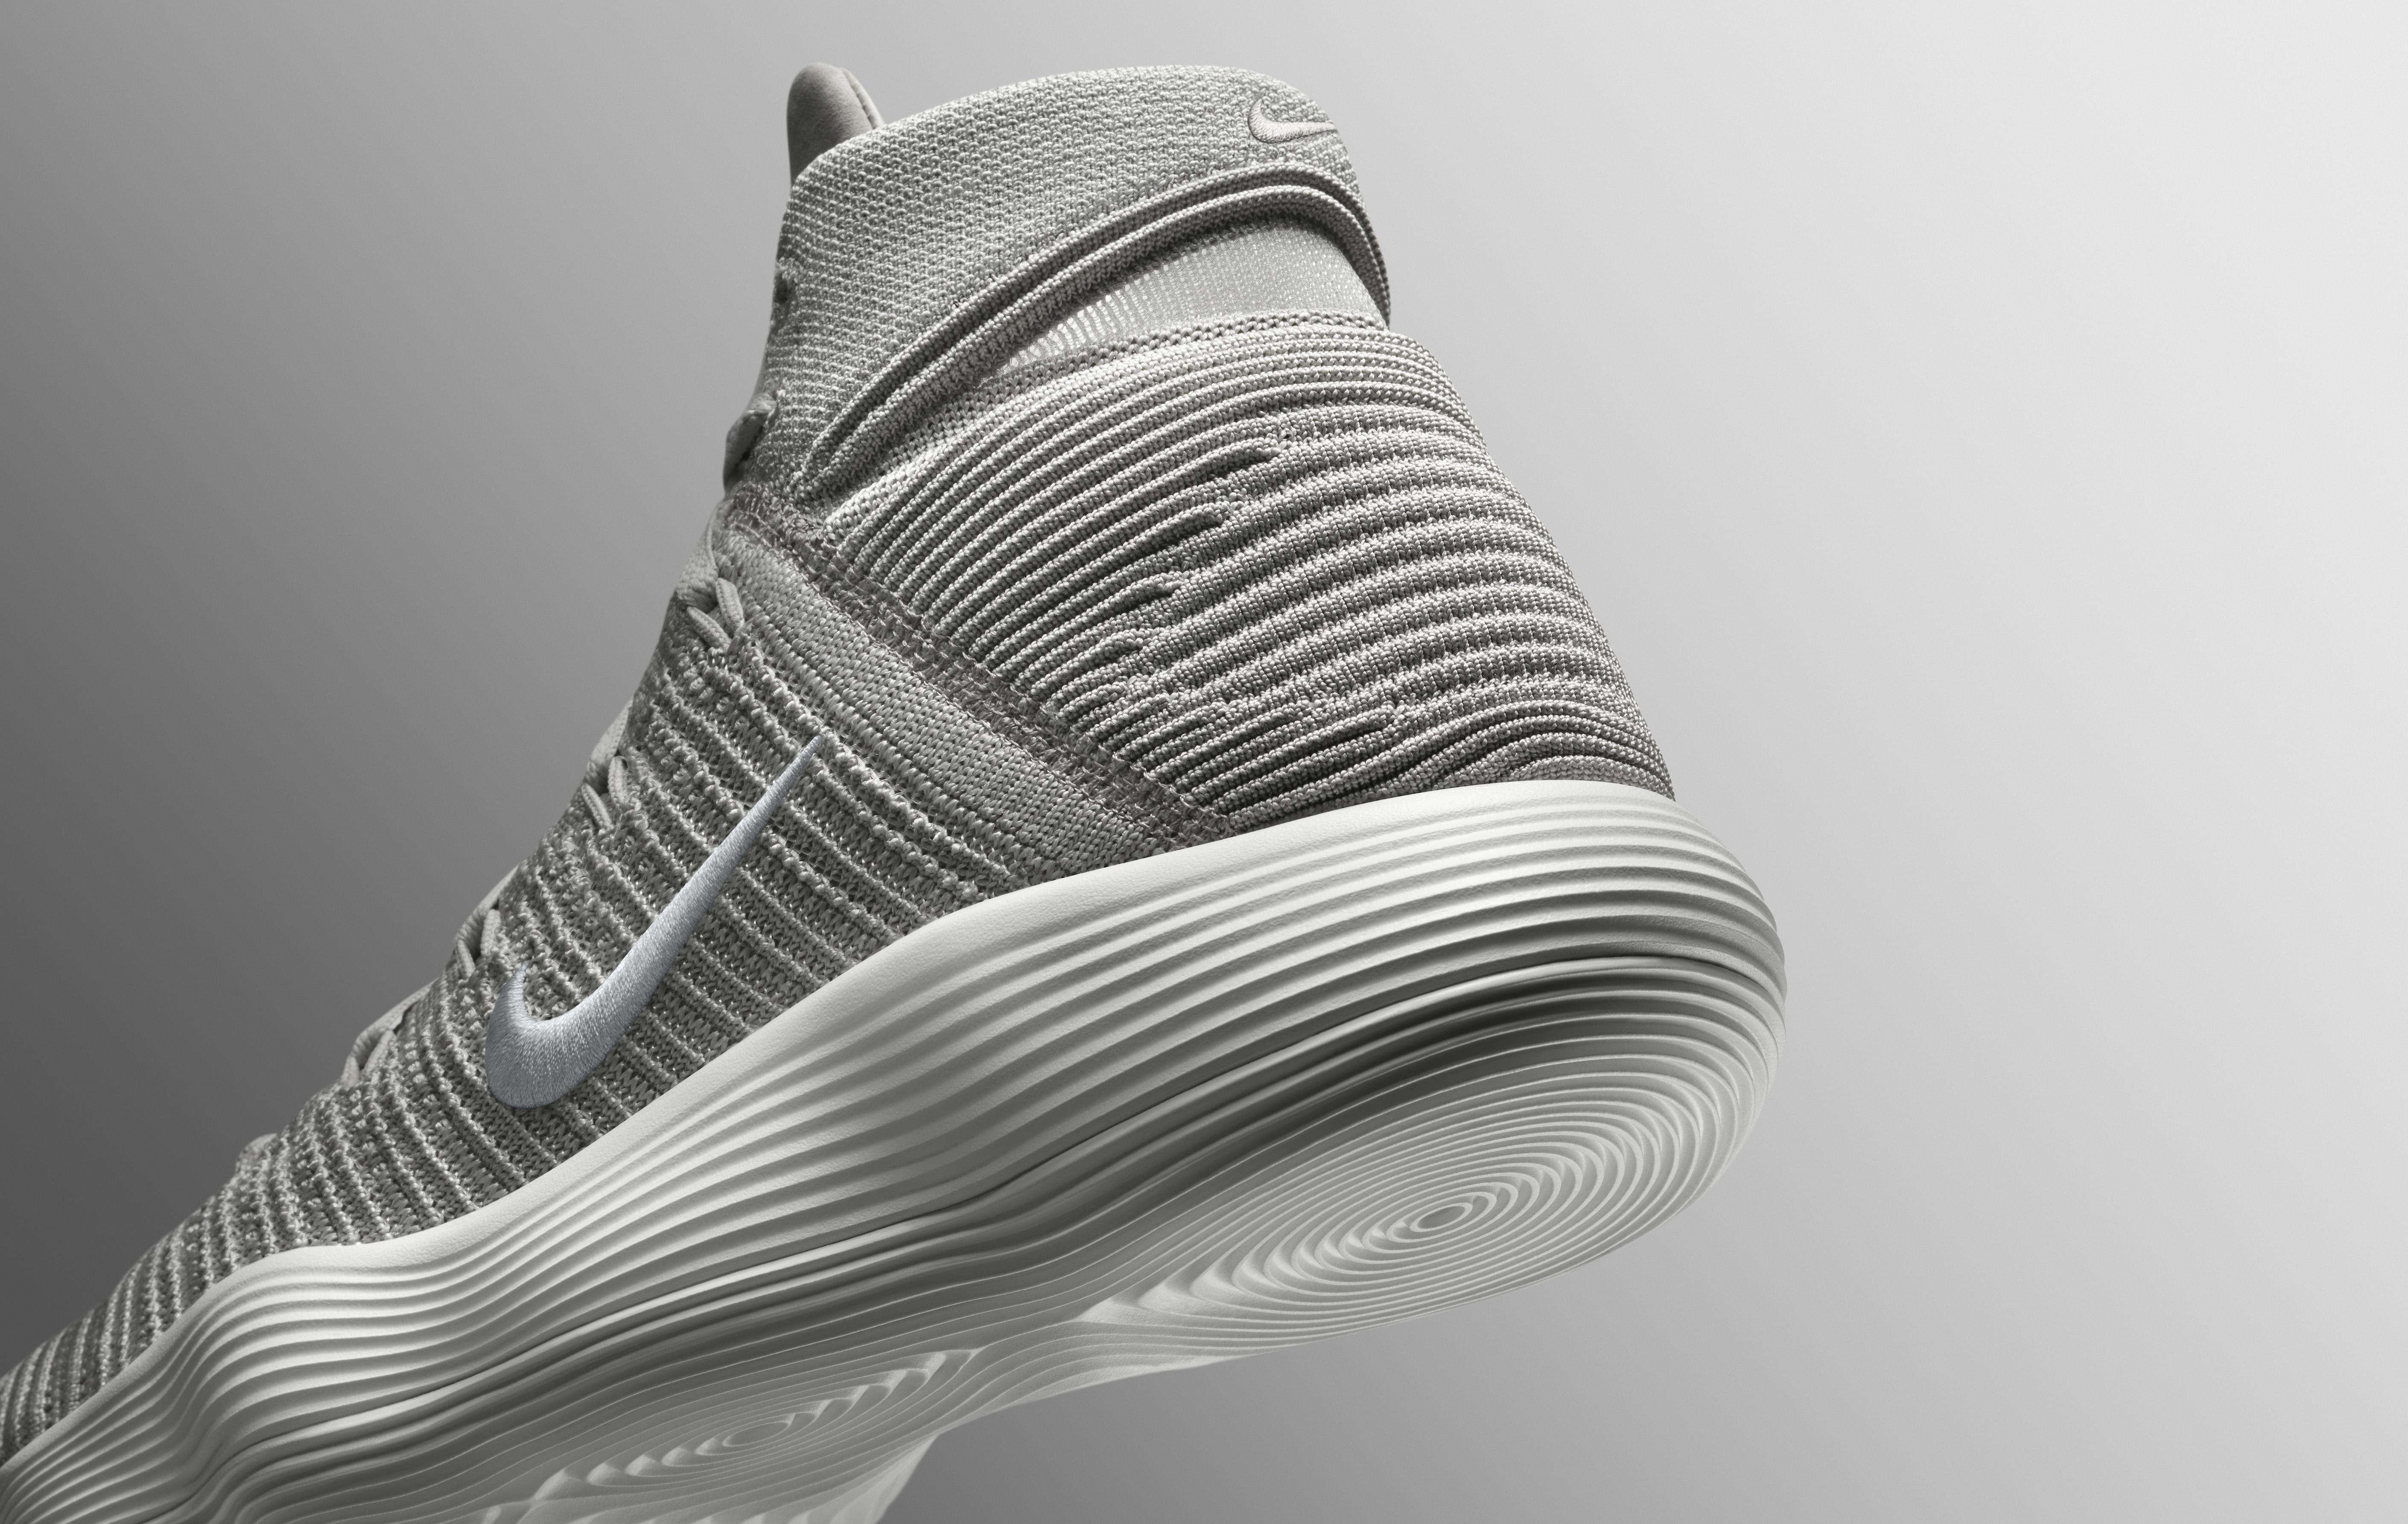 f755ea4f19f8 Durante el último cuarto de siglo Nike y Jordan han planteado las mayores  propuestas tecnológicas del baloncesto y sorprendentemente el público las  ha ...